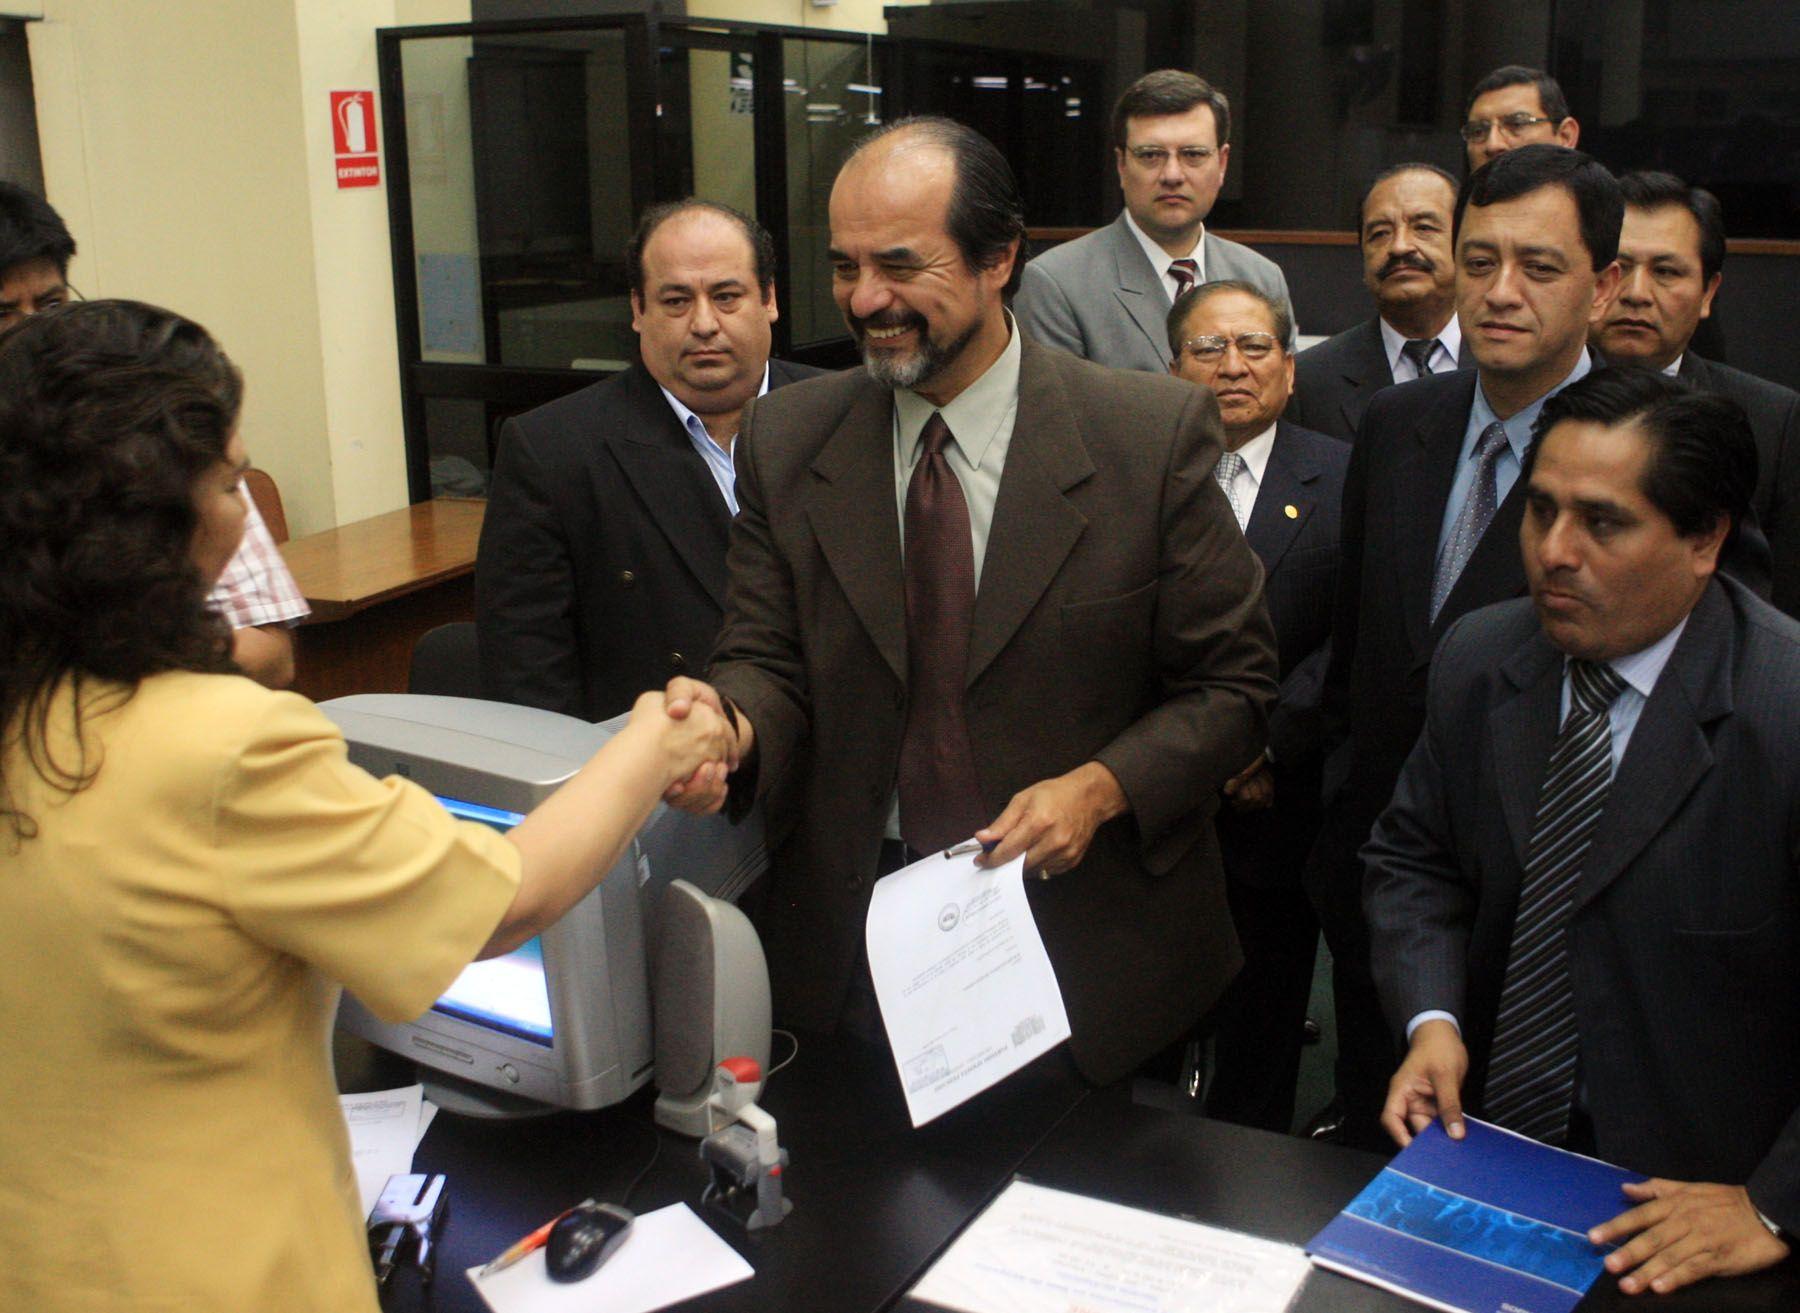 El secretario general del Partido Aprista,  Maricio Mulder, presenta ante el Jurado Nacional de Elecciones su padrón de Afiliados . Foto ANDINA/Carlos Lezama